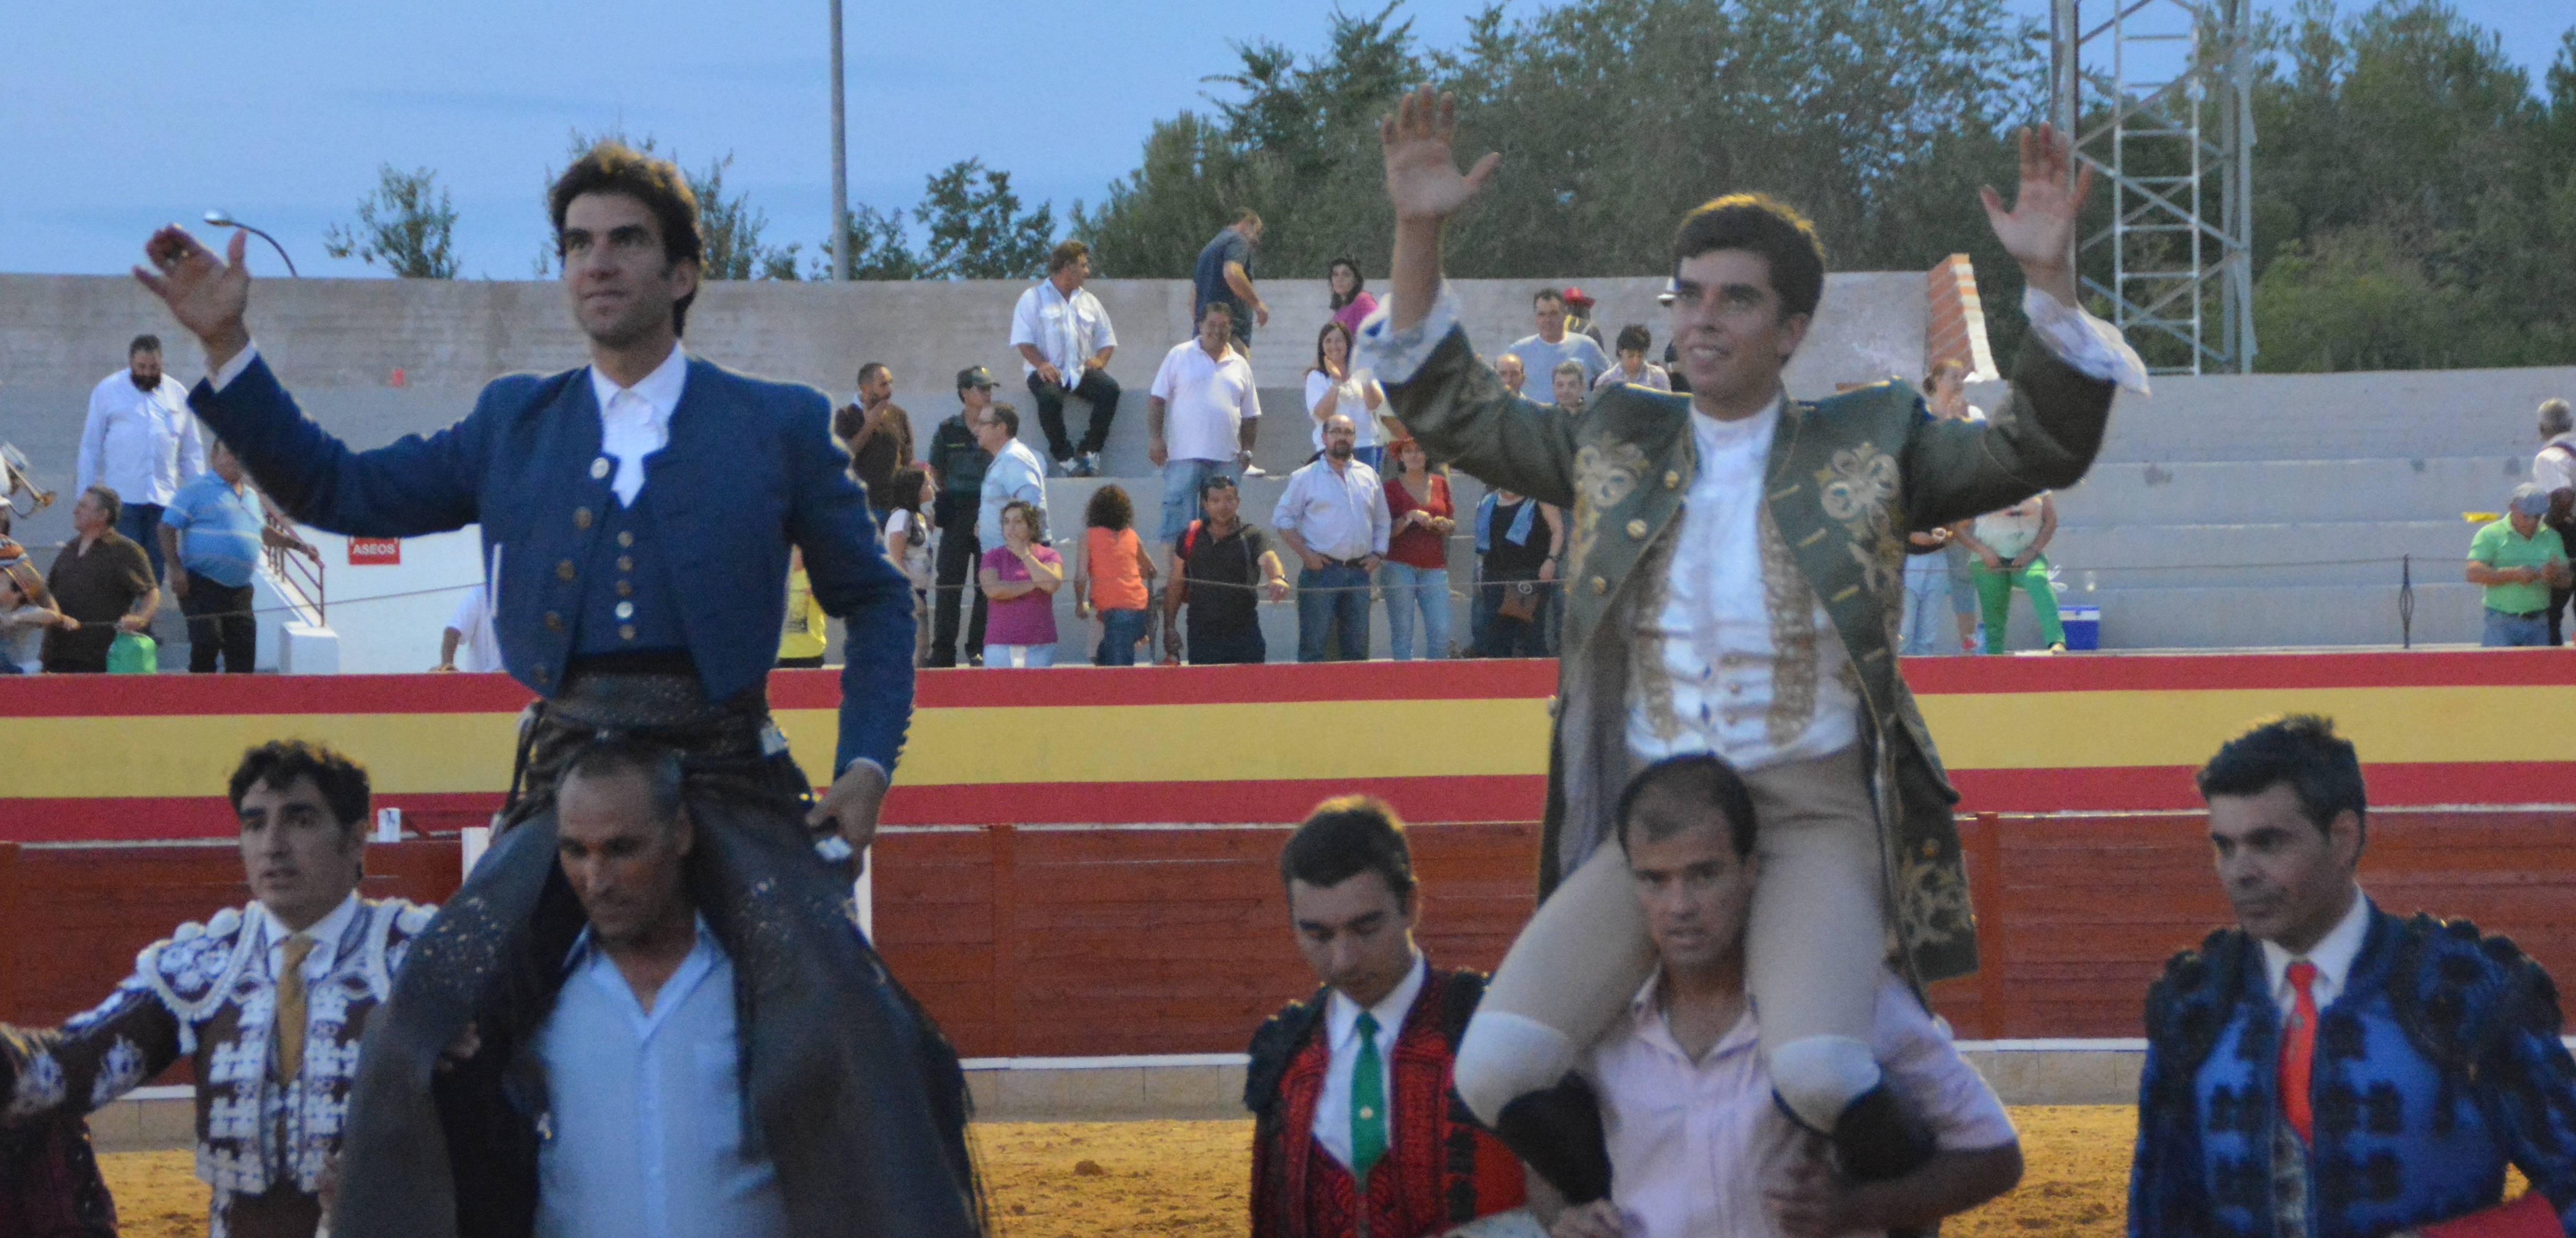 toros en Herencia ferias 2014 - Avance de los carteles taurinos en plazas de Consuegra, Herencia y Hellín